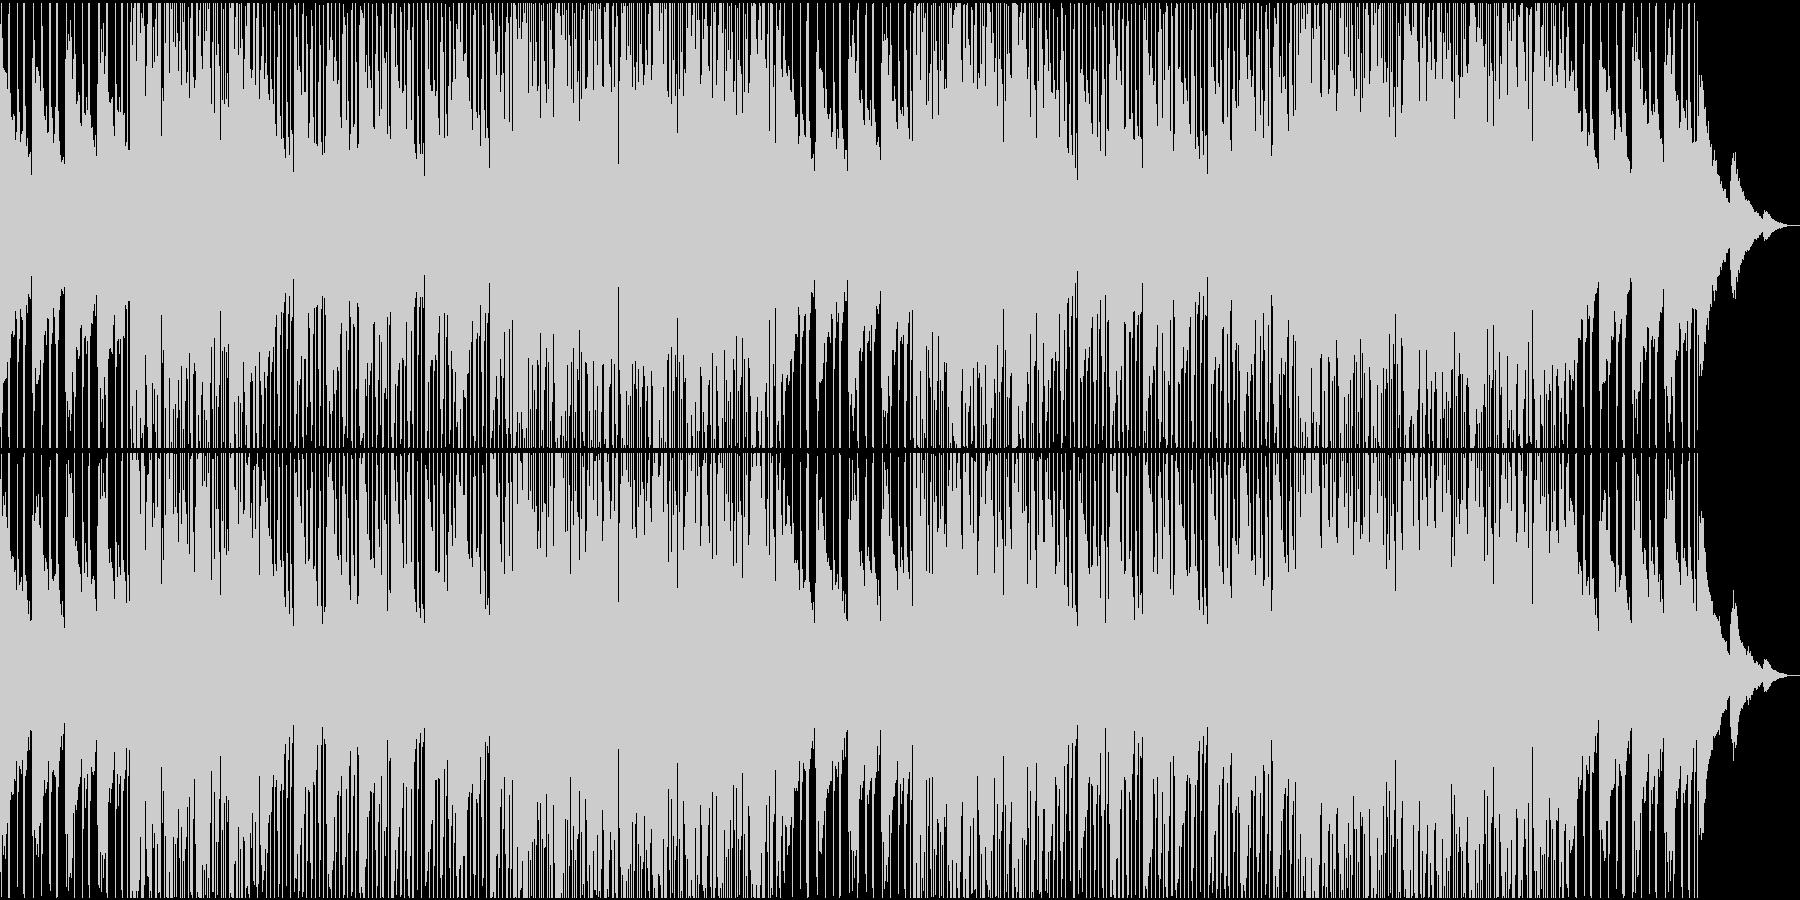 うねるように漂うチルウェーブの未再生の波形